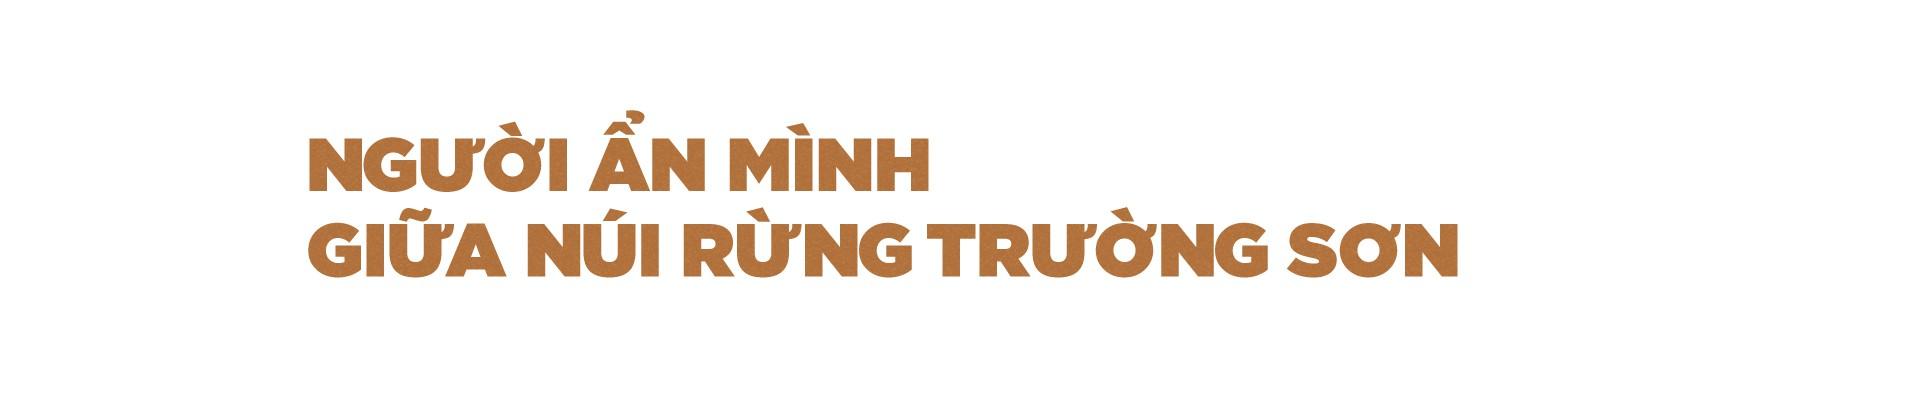 Vĩnh biệt vị tướng già huyền thoại - Đồng Sỹ Nguyên - Ảnh 2.